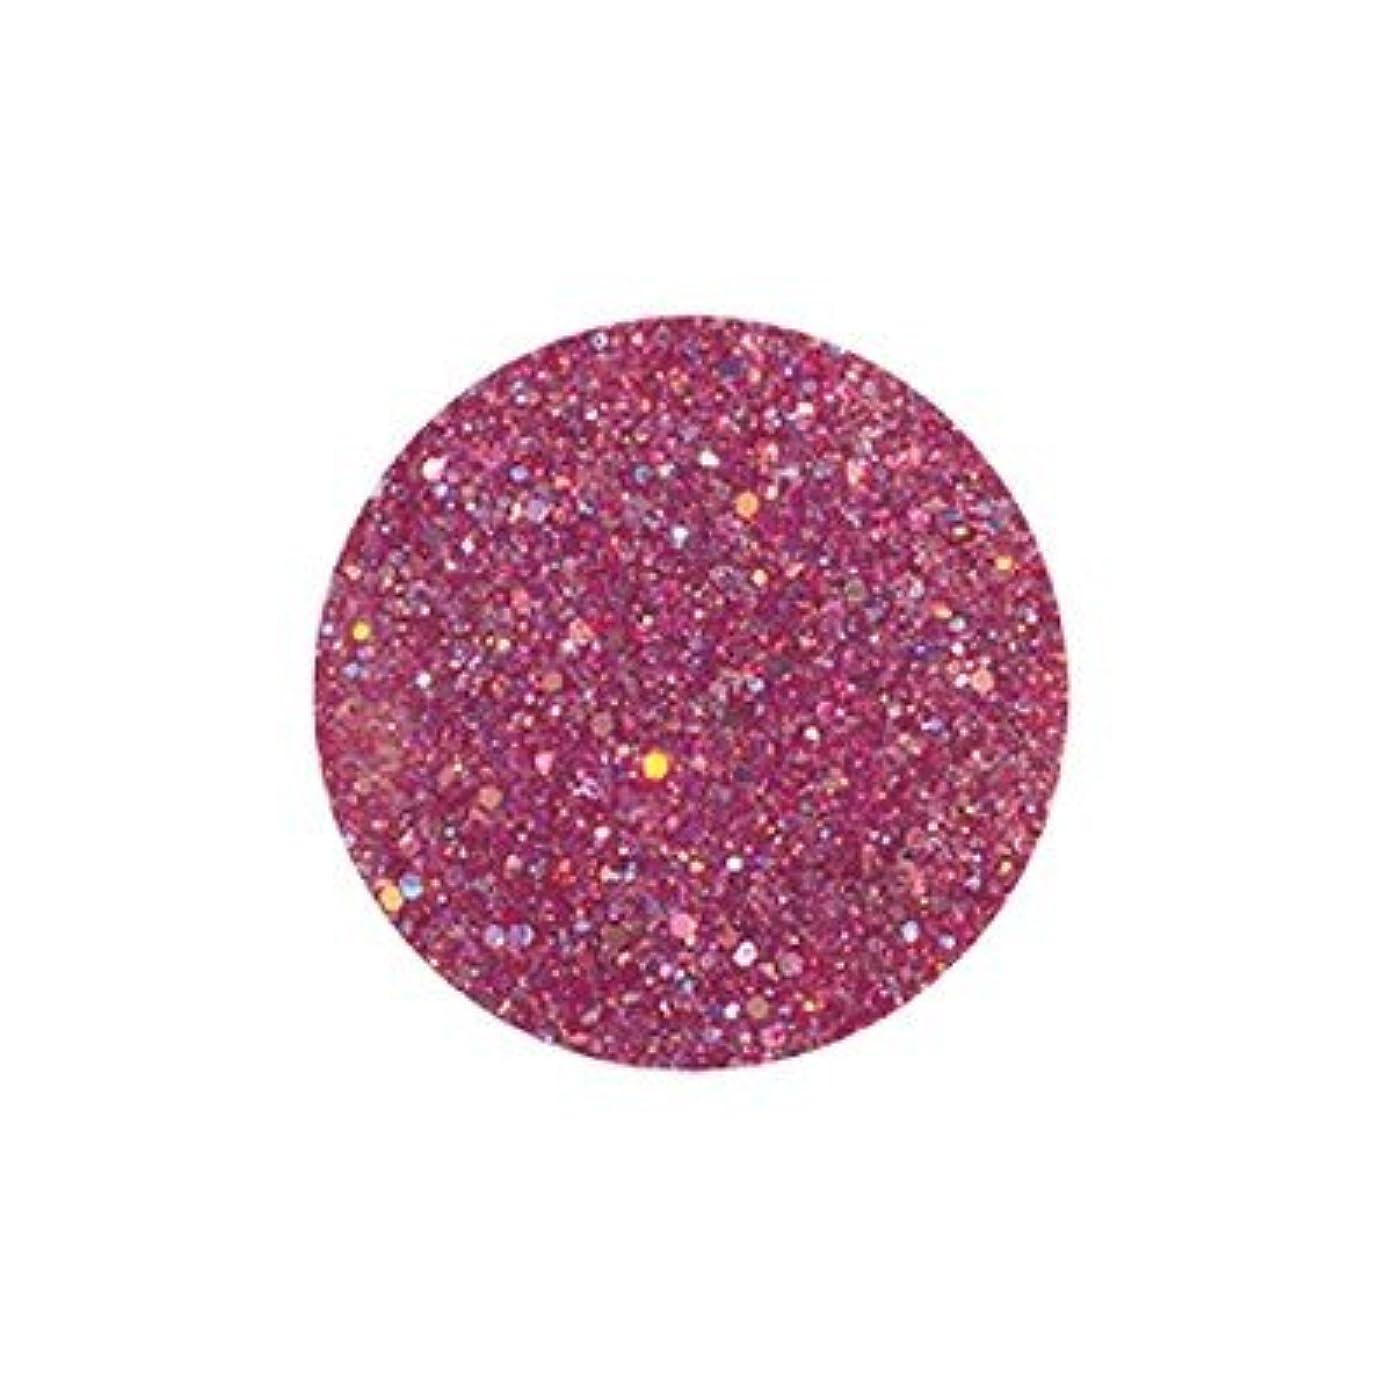 オリエンテーション下品評価可能FANTASY NAIL ダイヤモンドコレクション 3g 4259XS カラーパウダー アート材